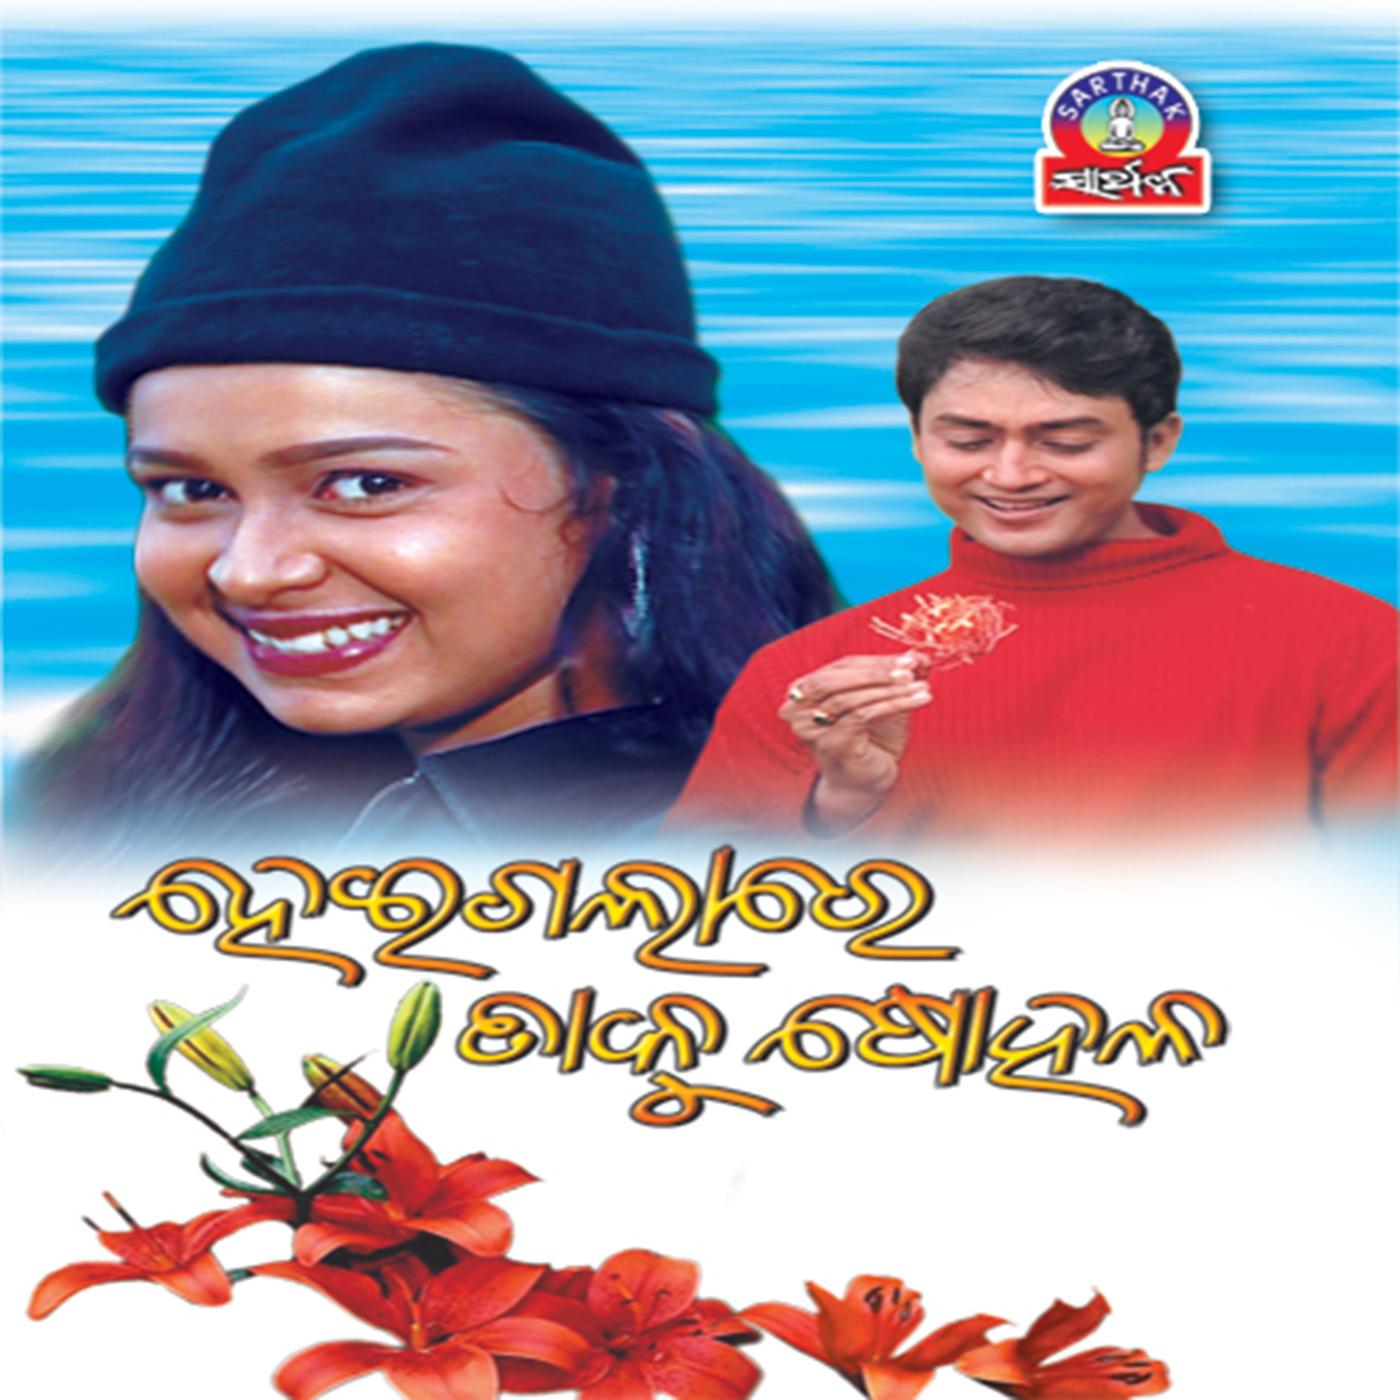 Sindura Alataa Paunji Jhumuka Rakhichi Saiti Mun (Anil Bawra)